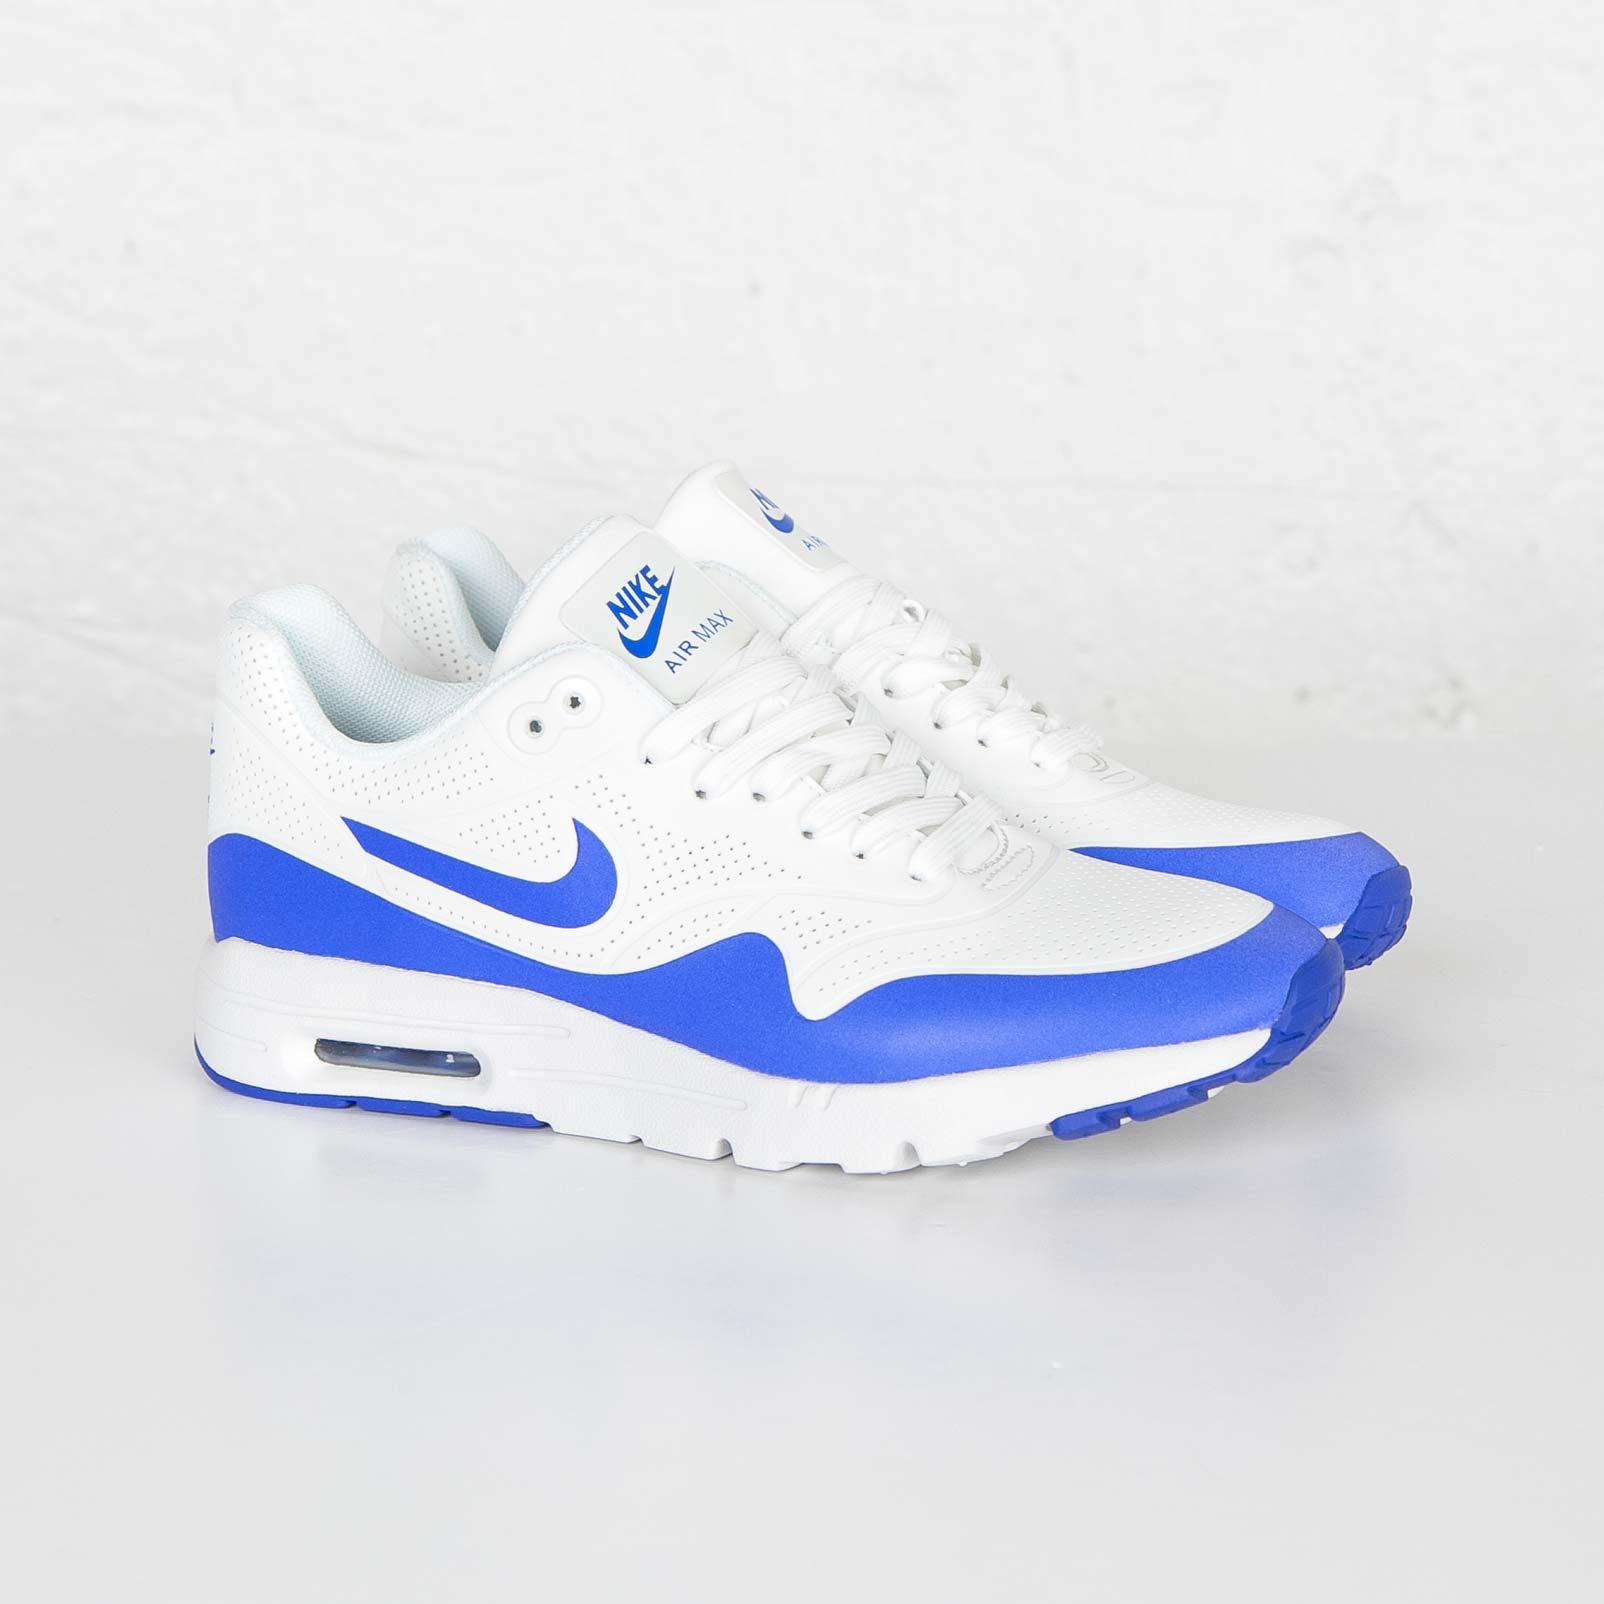 Nike Wmns Air Max 1 Ultra Moire Azul tyF0tl4vU